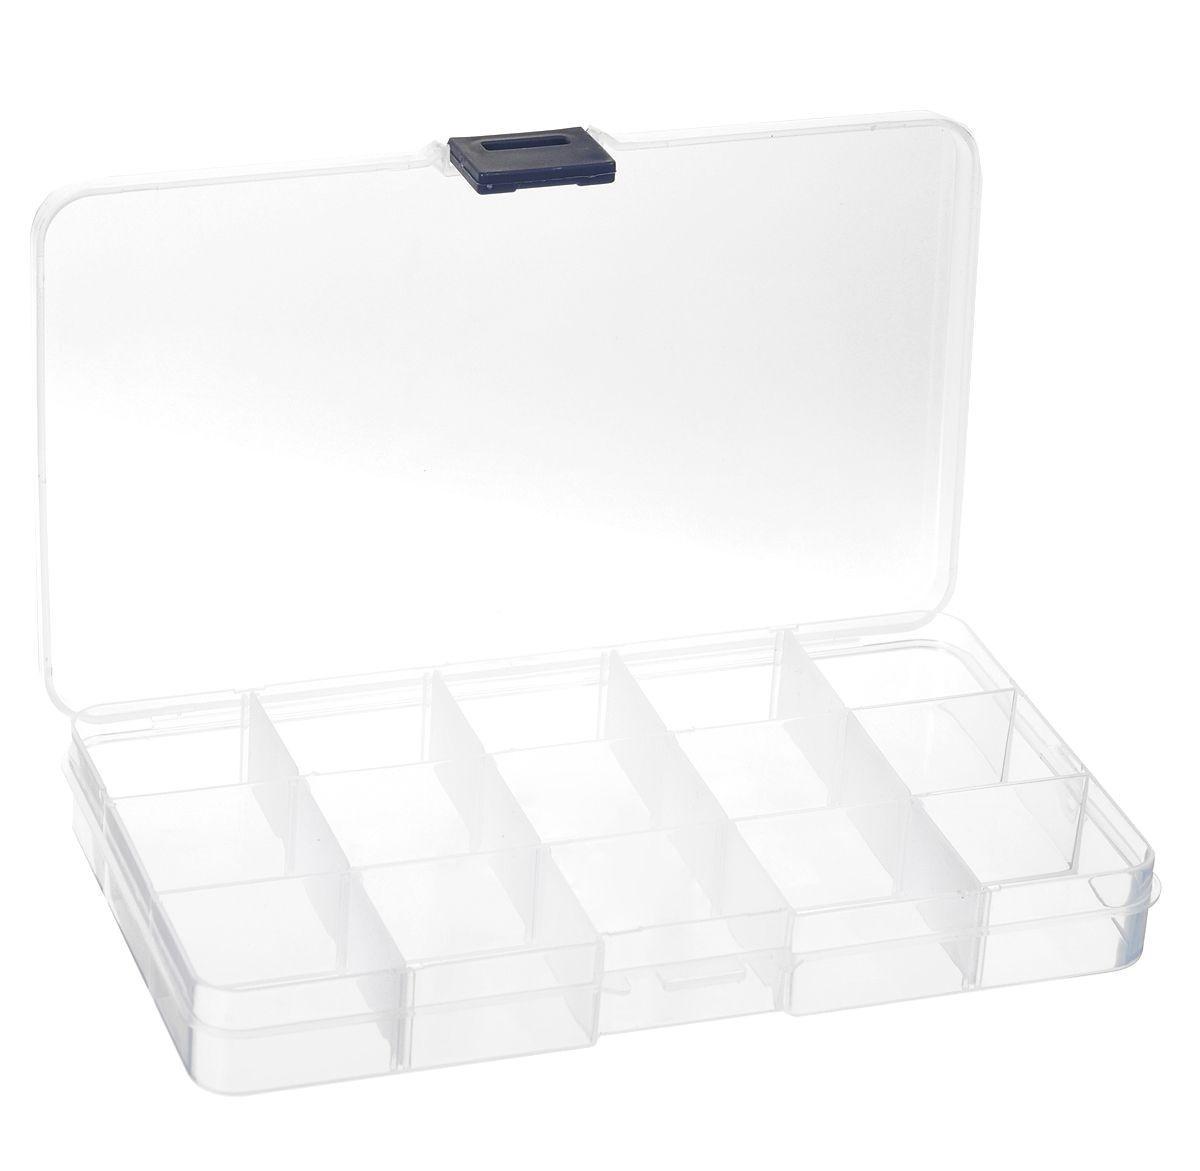 Контейнер для мелочей, 17,6 х 10,2 х 2,2 см 528RG-D31SКонтейнер для мелочей изготовлен из прозрачного пластика, что позволяет видеть содержимое. Внутри содержится 15 ячеек для хранения мелких принадлежностей. Крышка плотно закрывается. Такой контейнер поможет держать вещи в порядке. Идеально подходит для хранения принадлежностей для шитья и других мелких бытовых предметов.